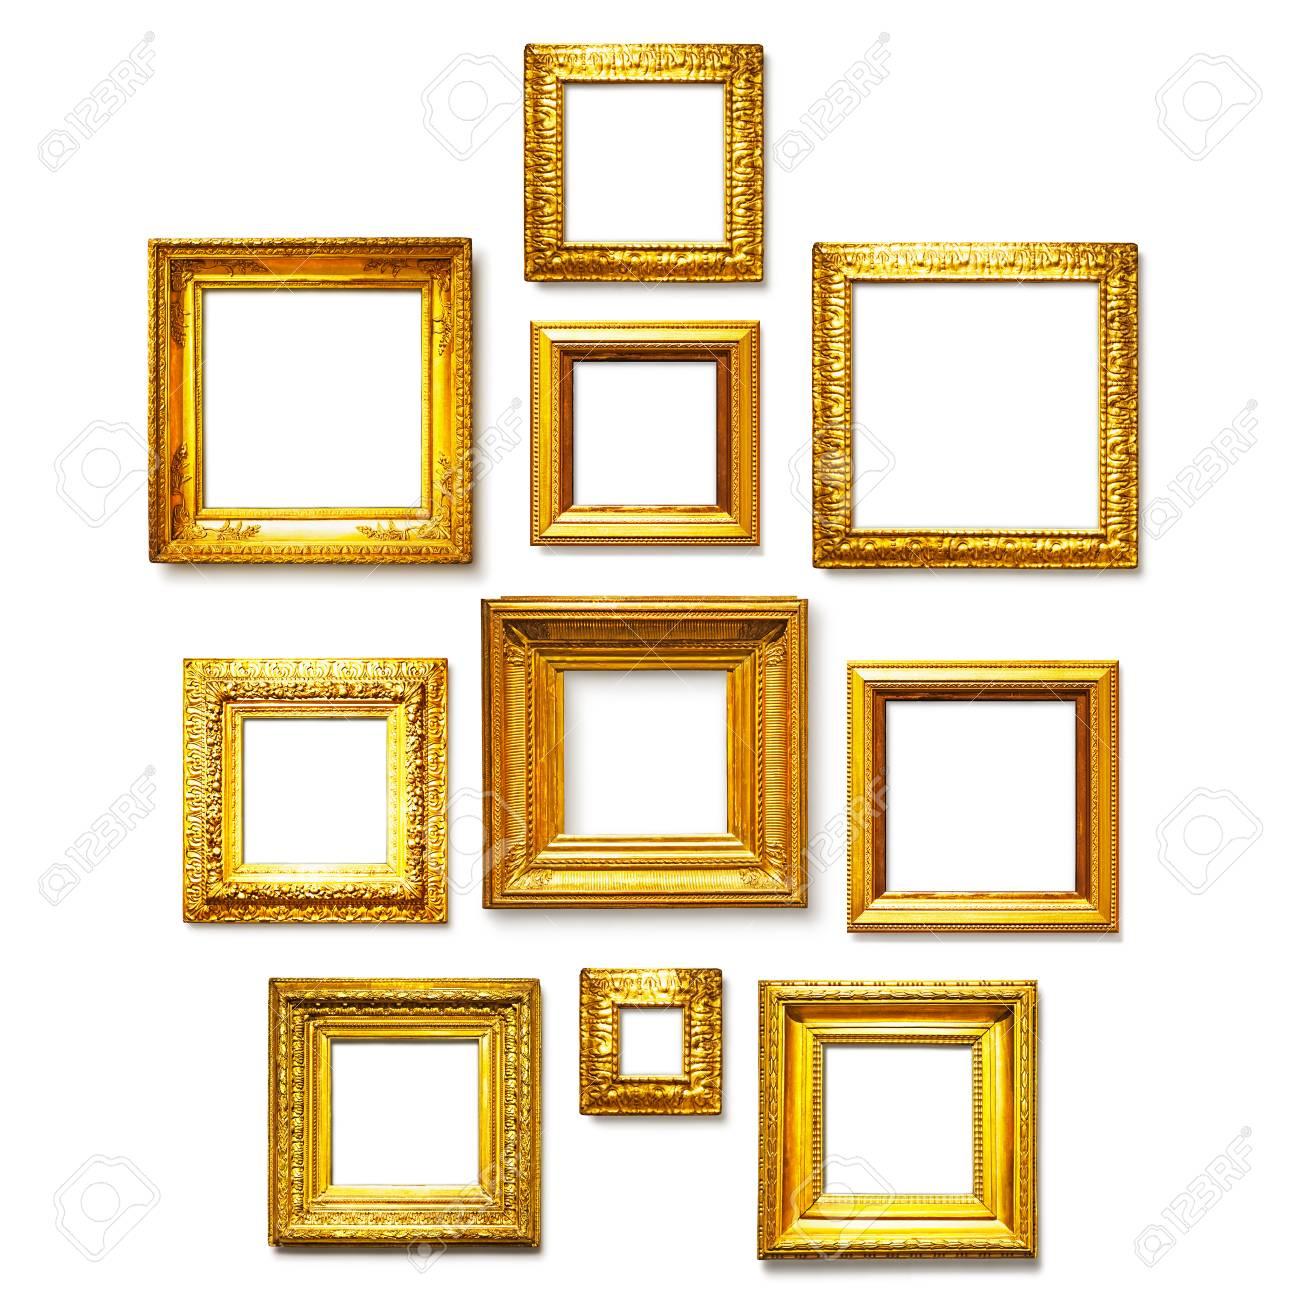 Cuadrado Del Oro Marcos Antiguos Colección Sobre Fondo Blanco. Ideas ...